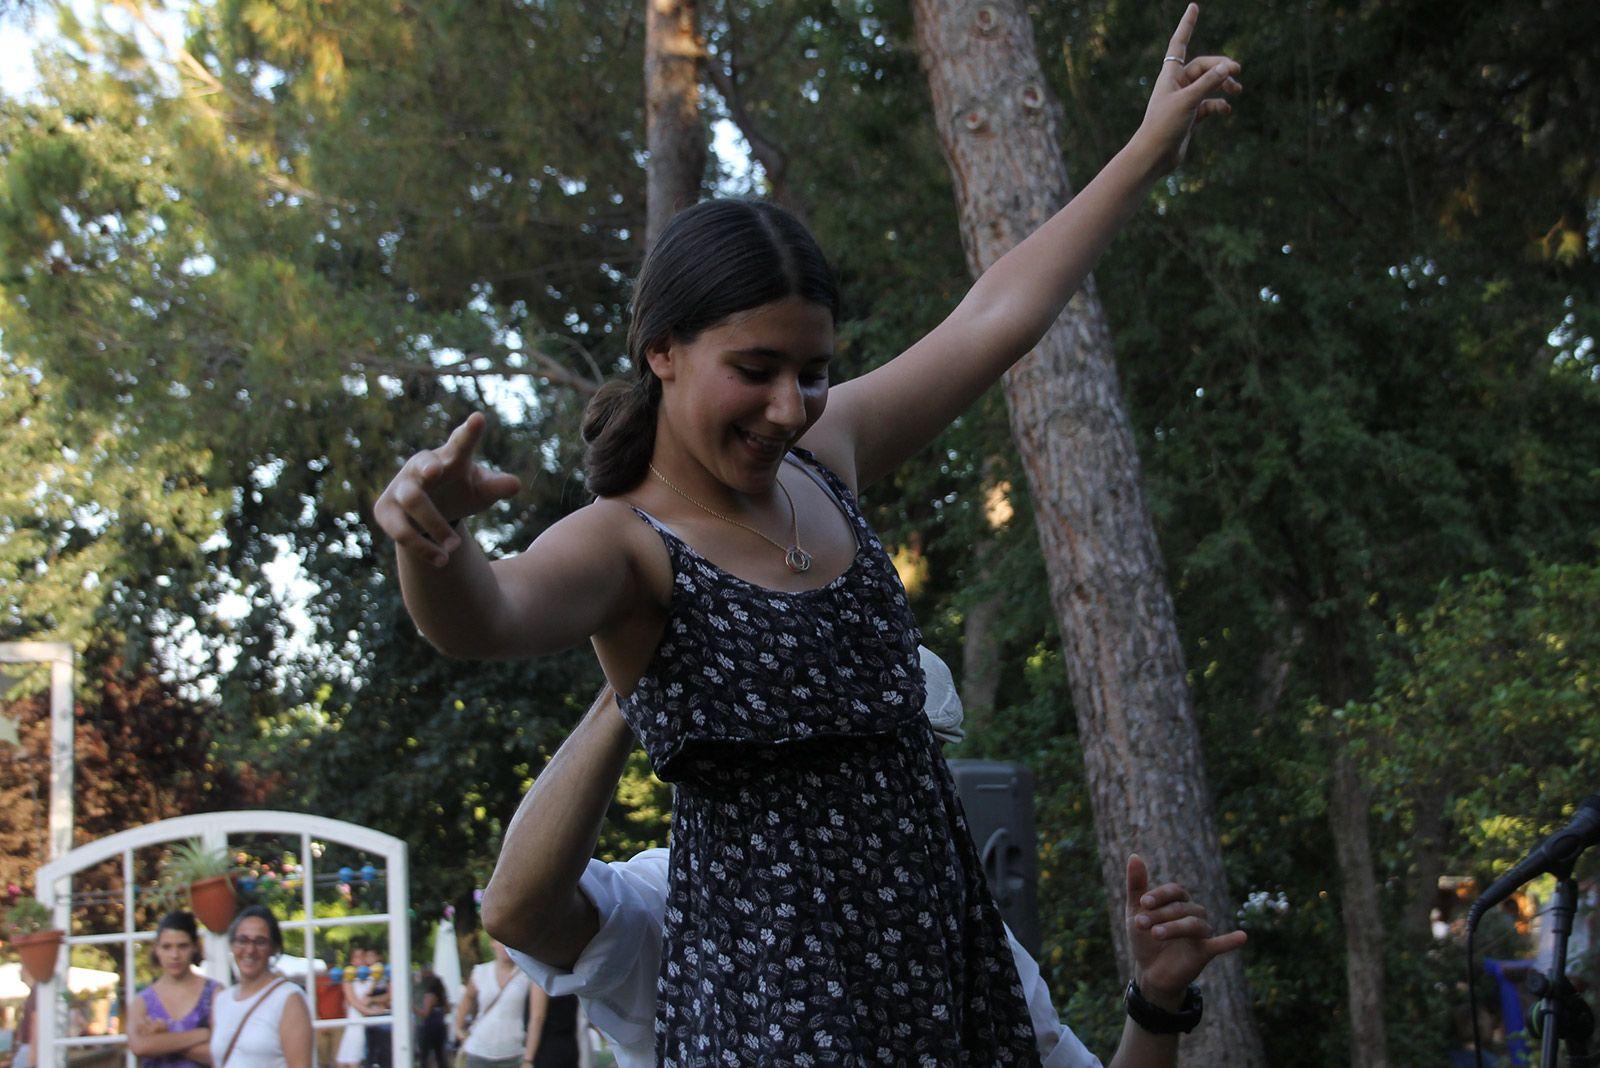 Racó infantil de Festa Major al Parc Central. FOTO: Paula Galván